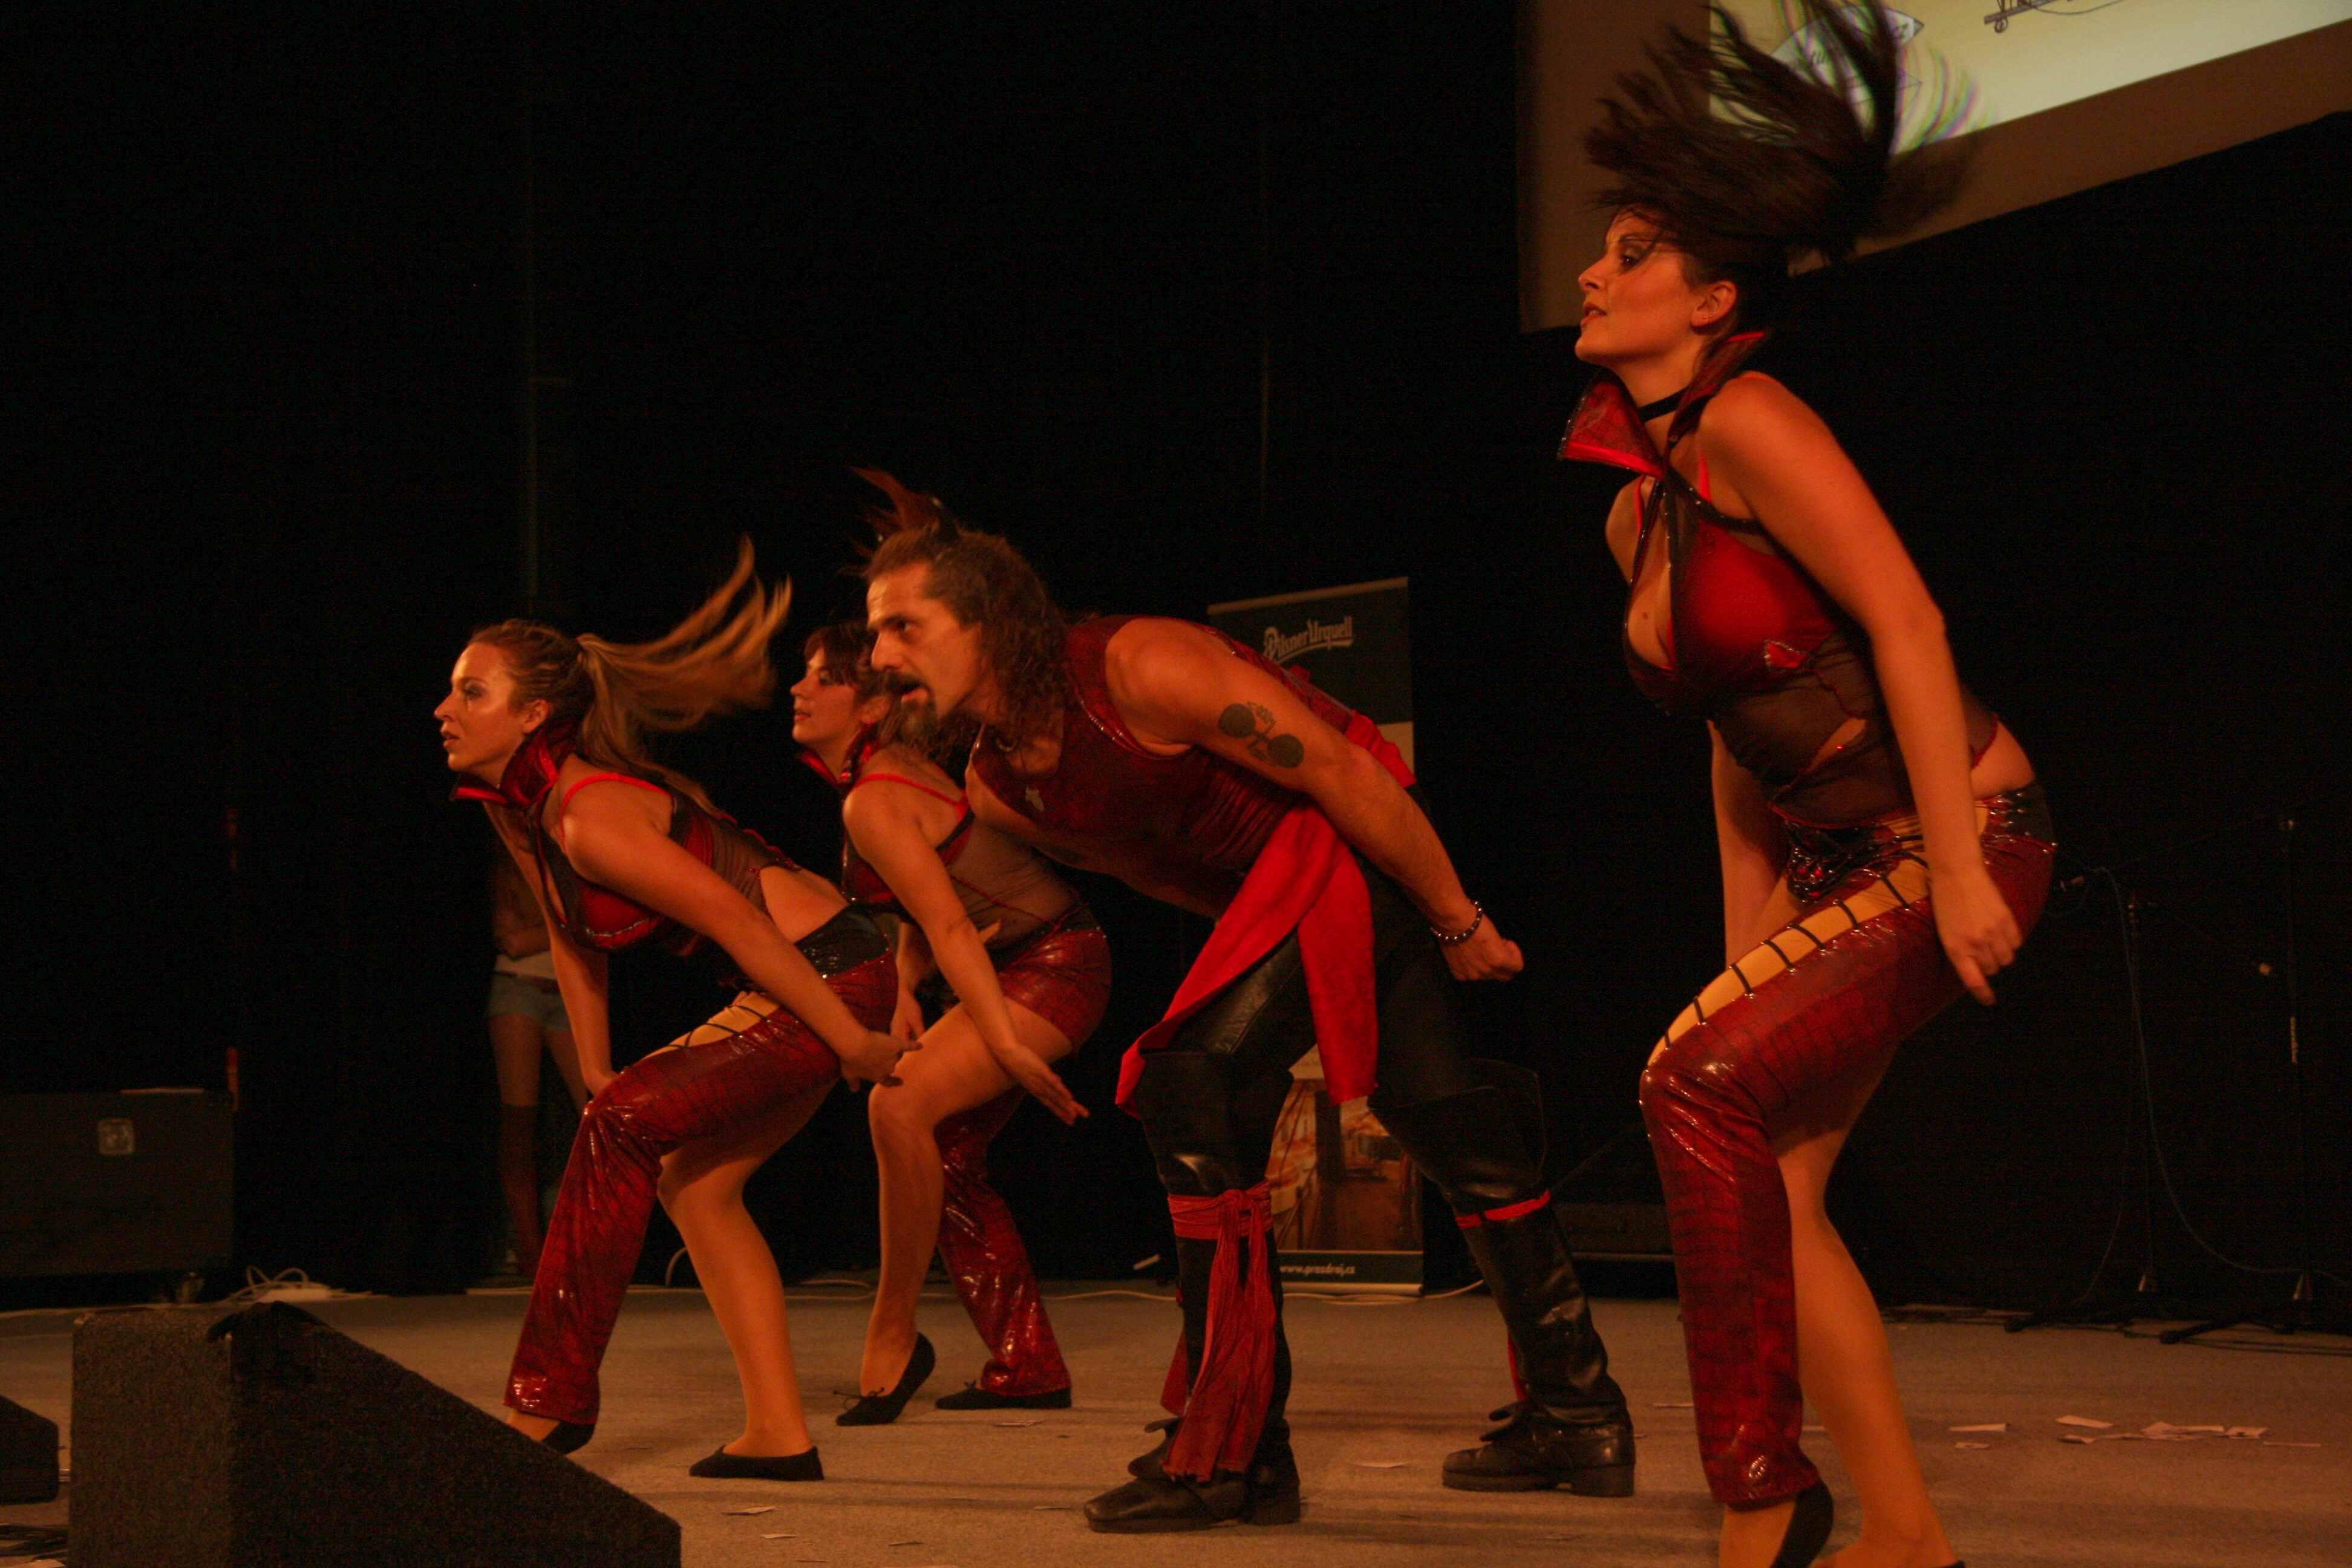 soukromé doprovod tanec